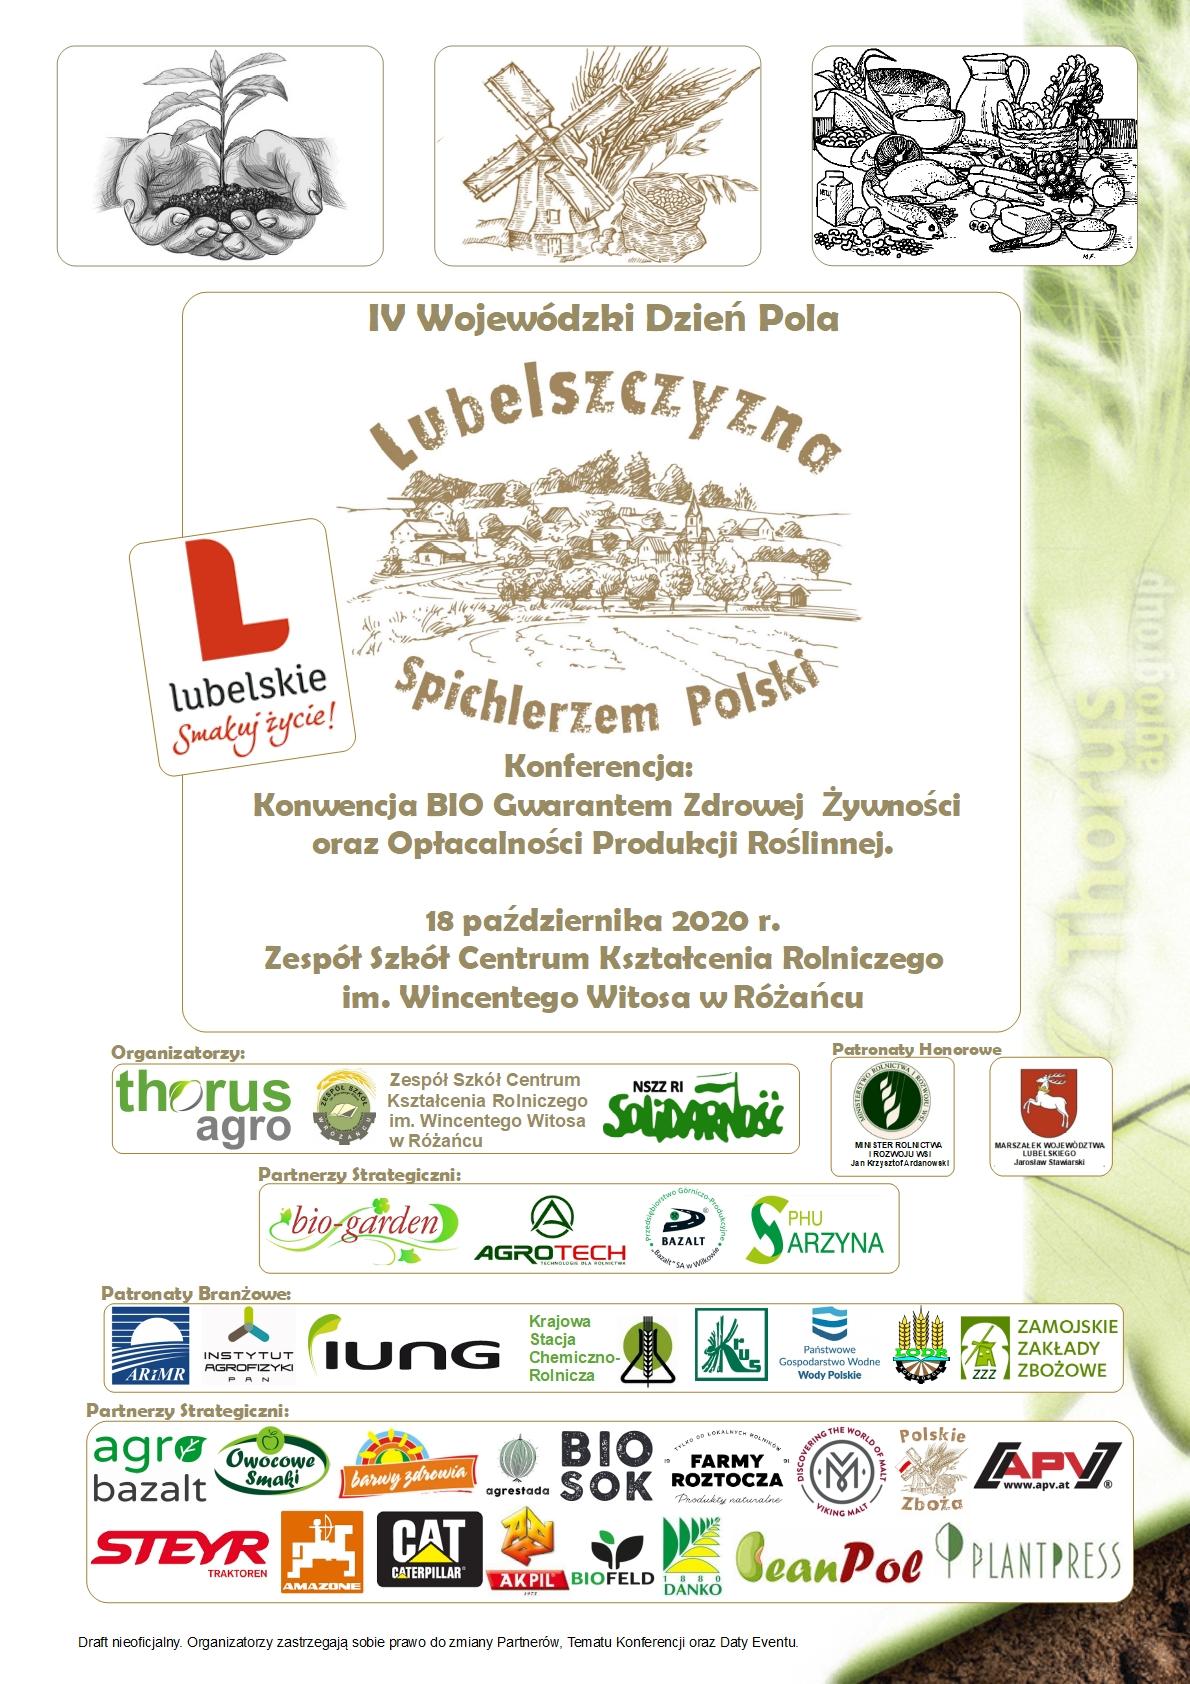 """1 IV Wojewódzki Dzień Pola """"Lubelszczyzna Spichlerzem Polski"""" [PROGRAM]"""